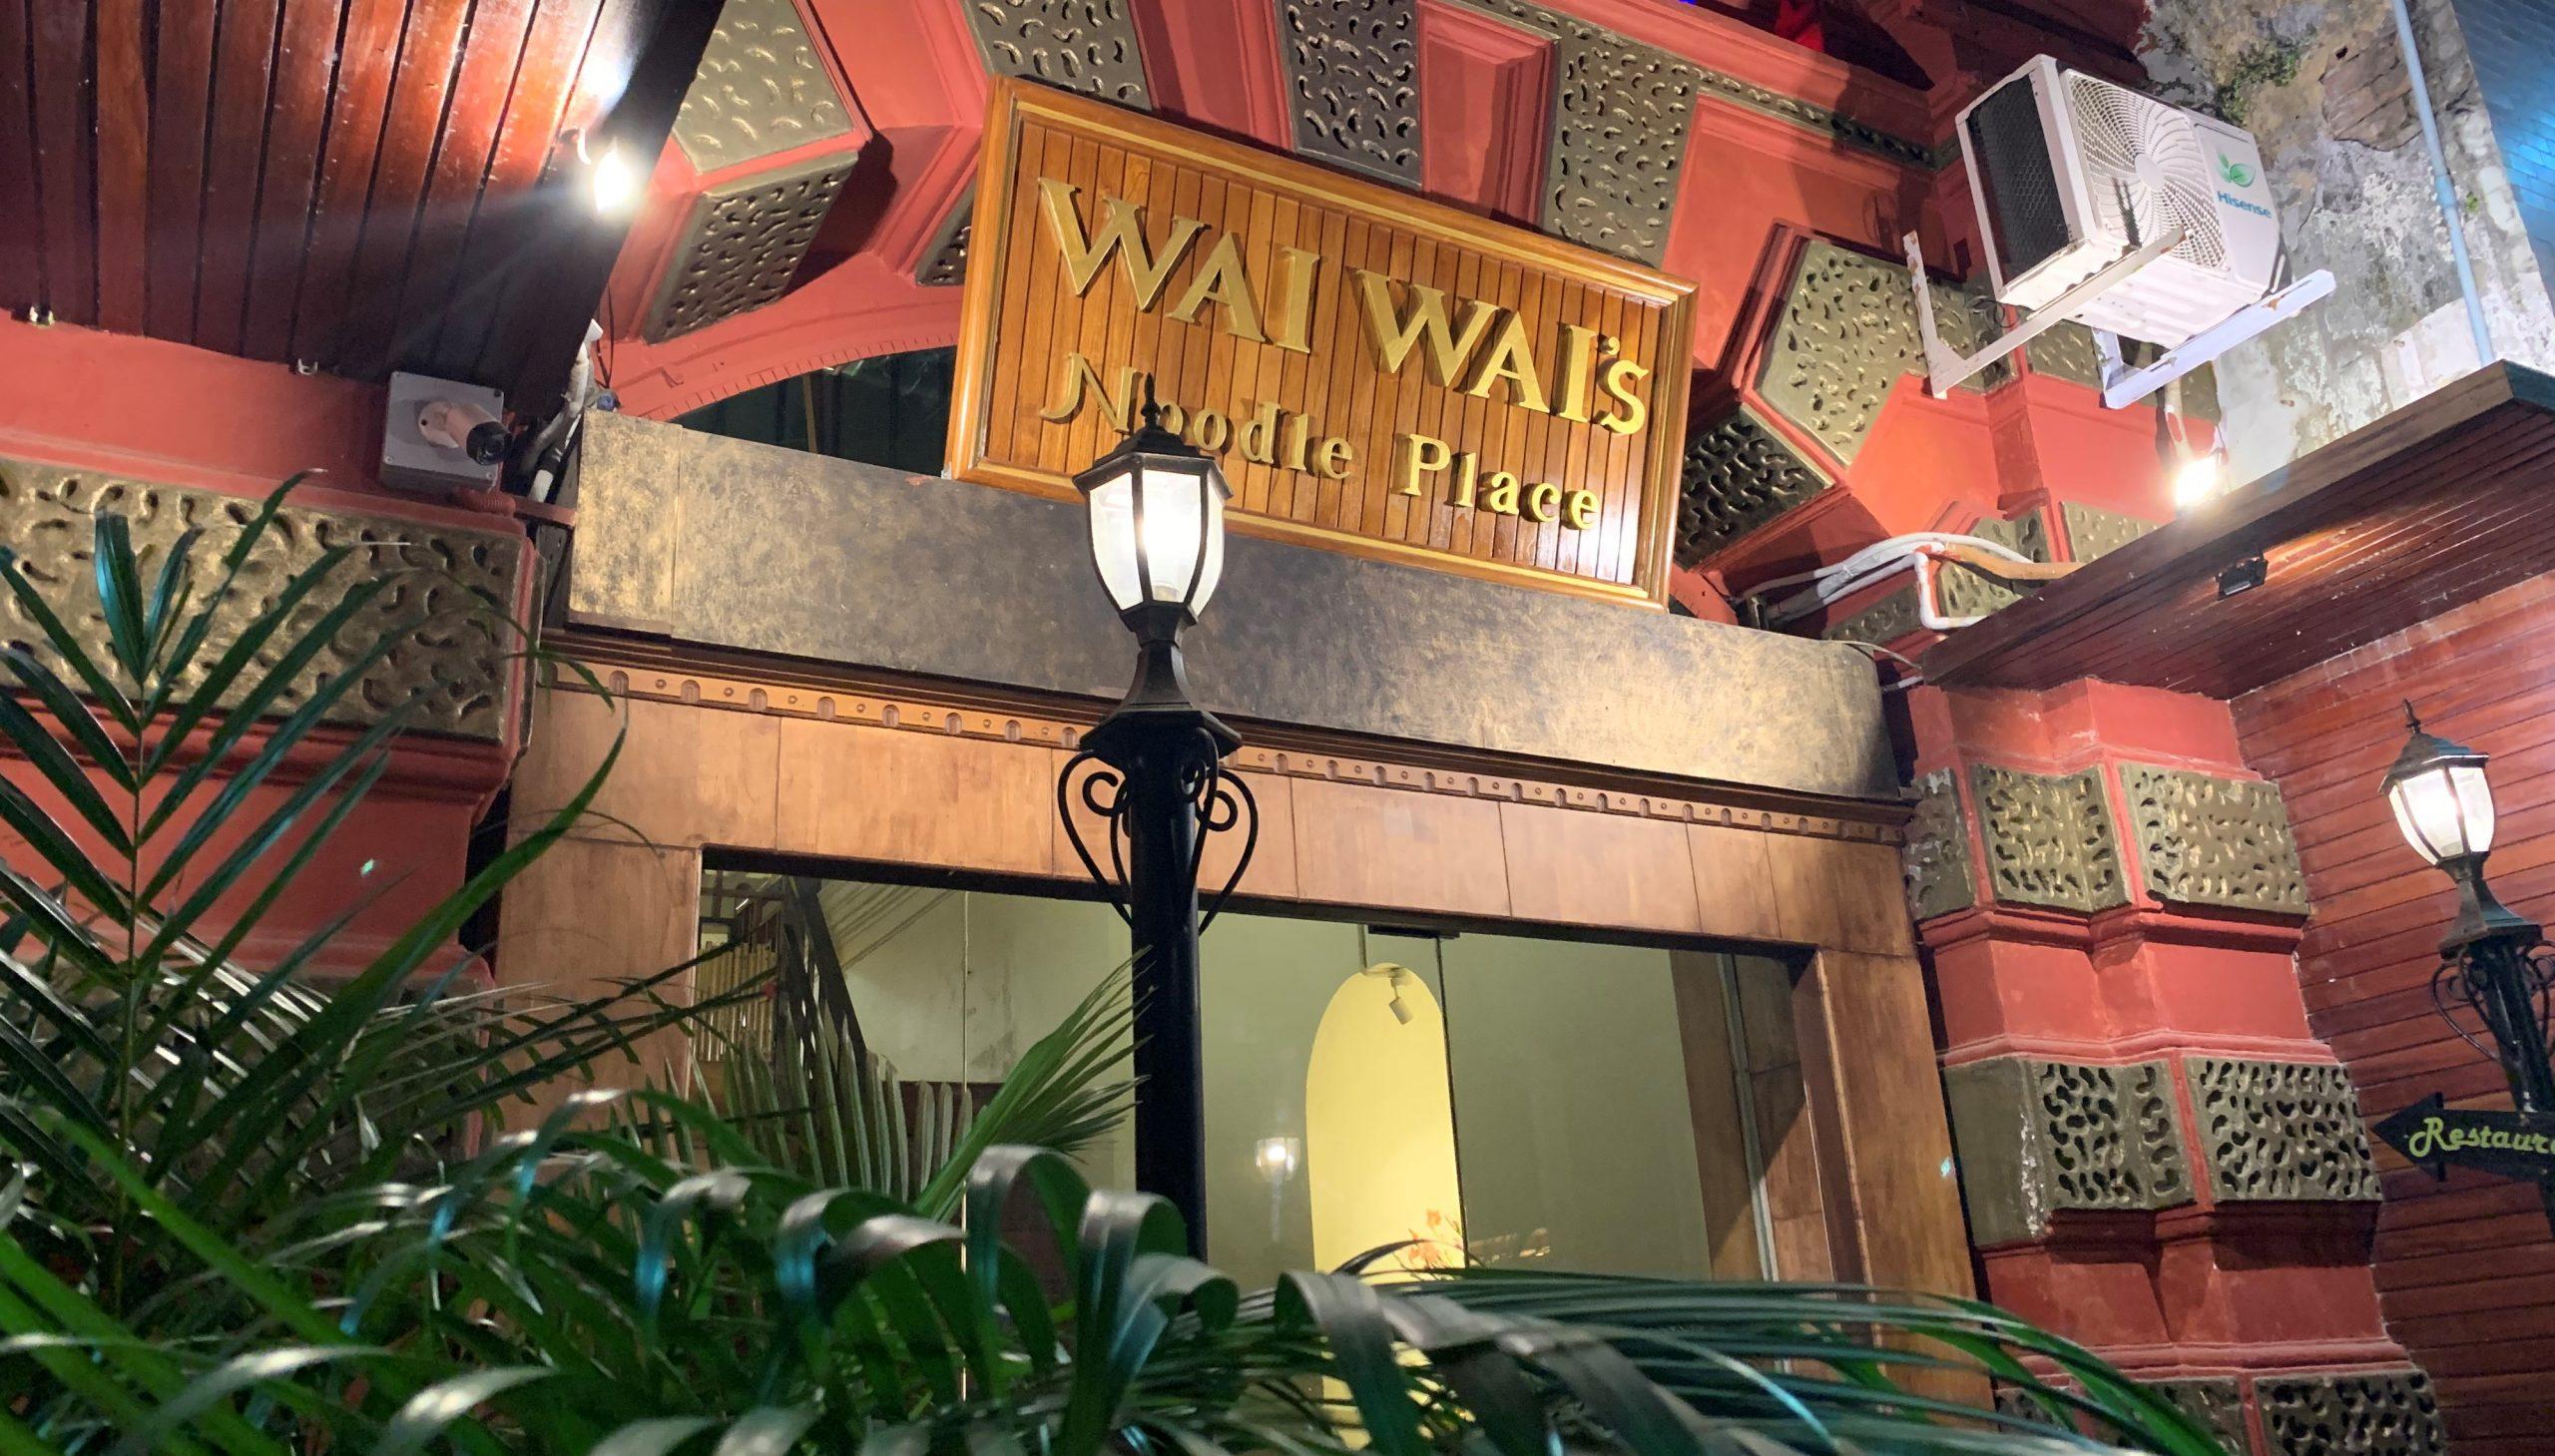 wai wai's noodle place